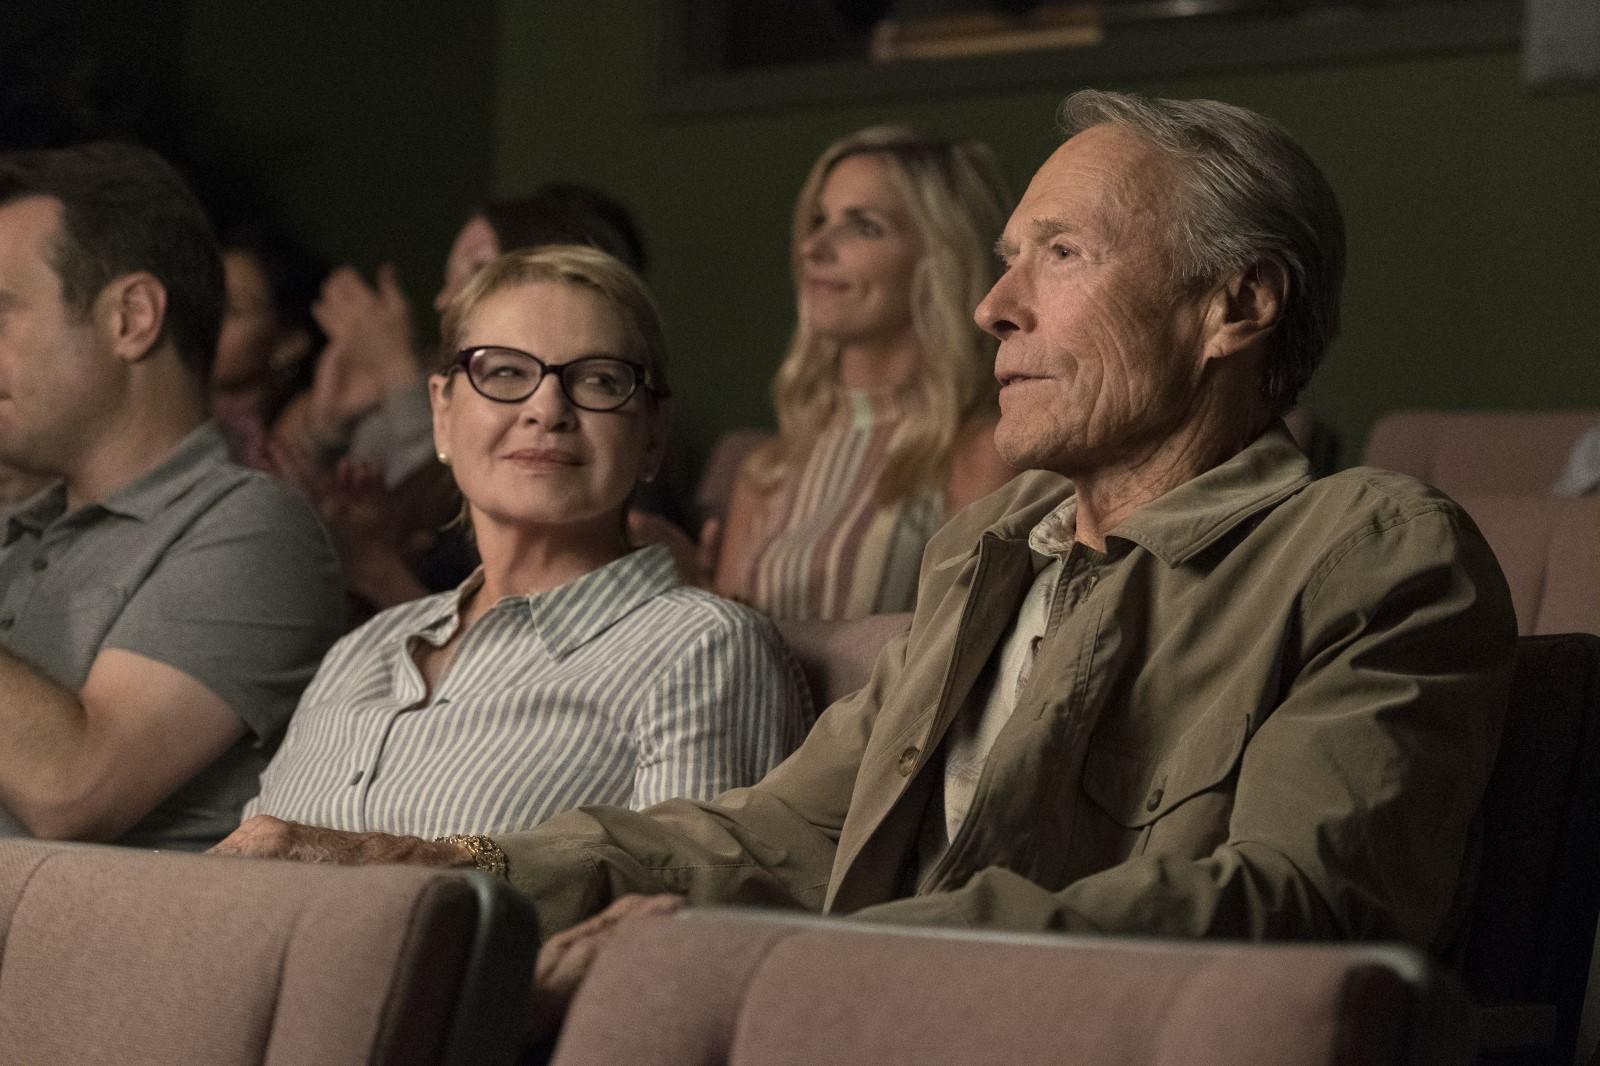 Mula dirigida por Clint Eastwood